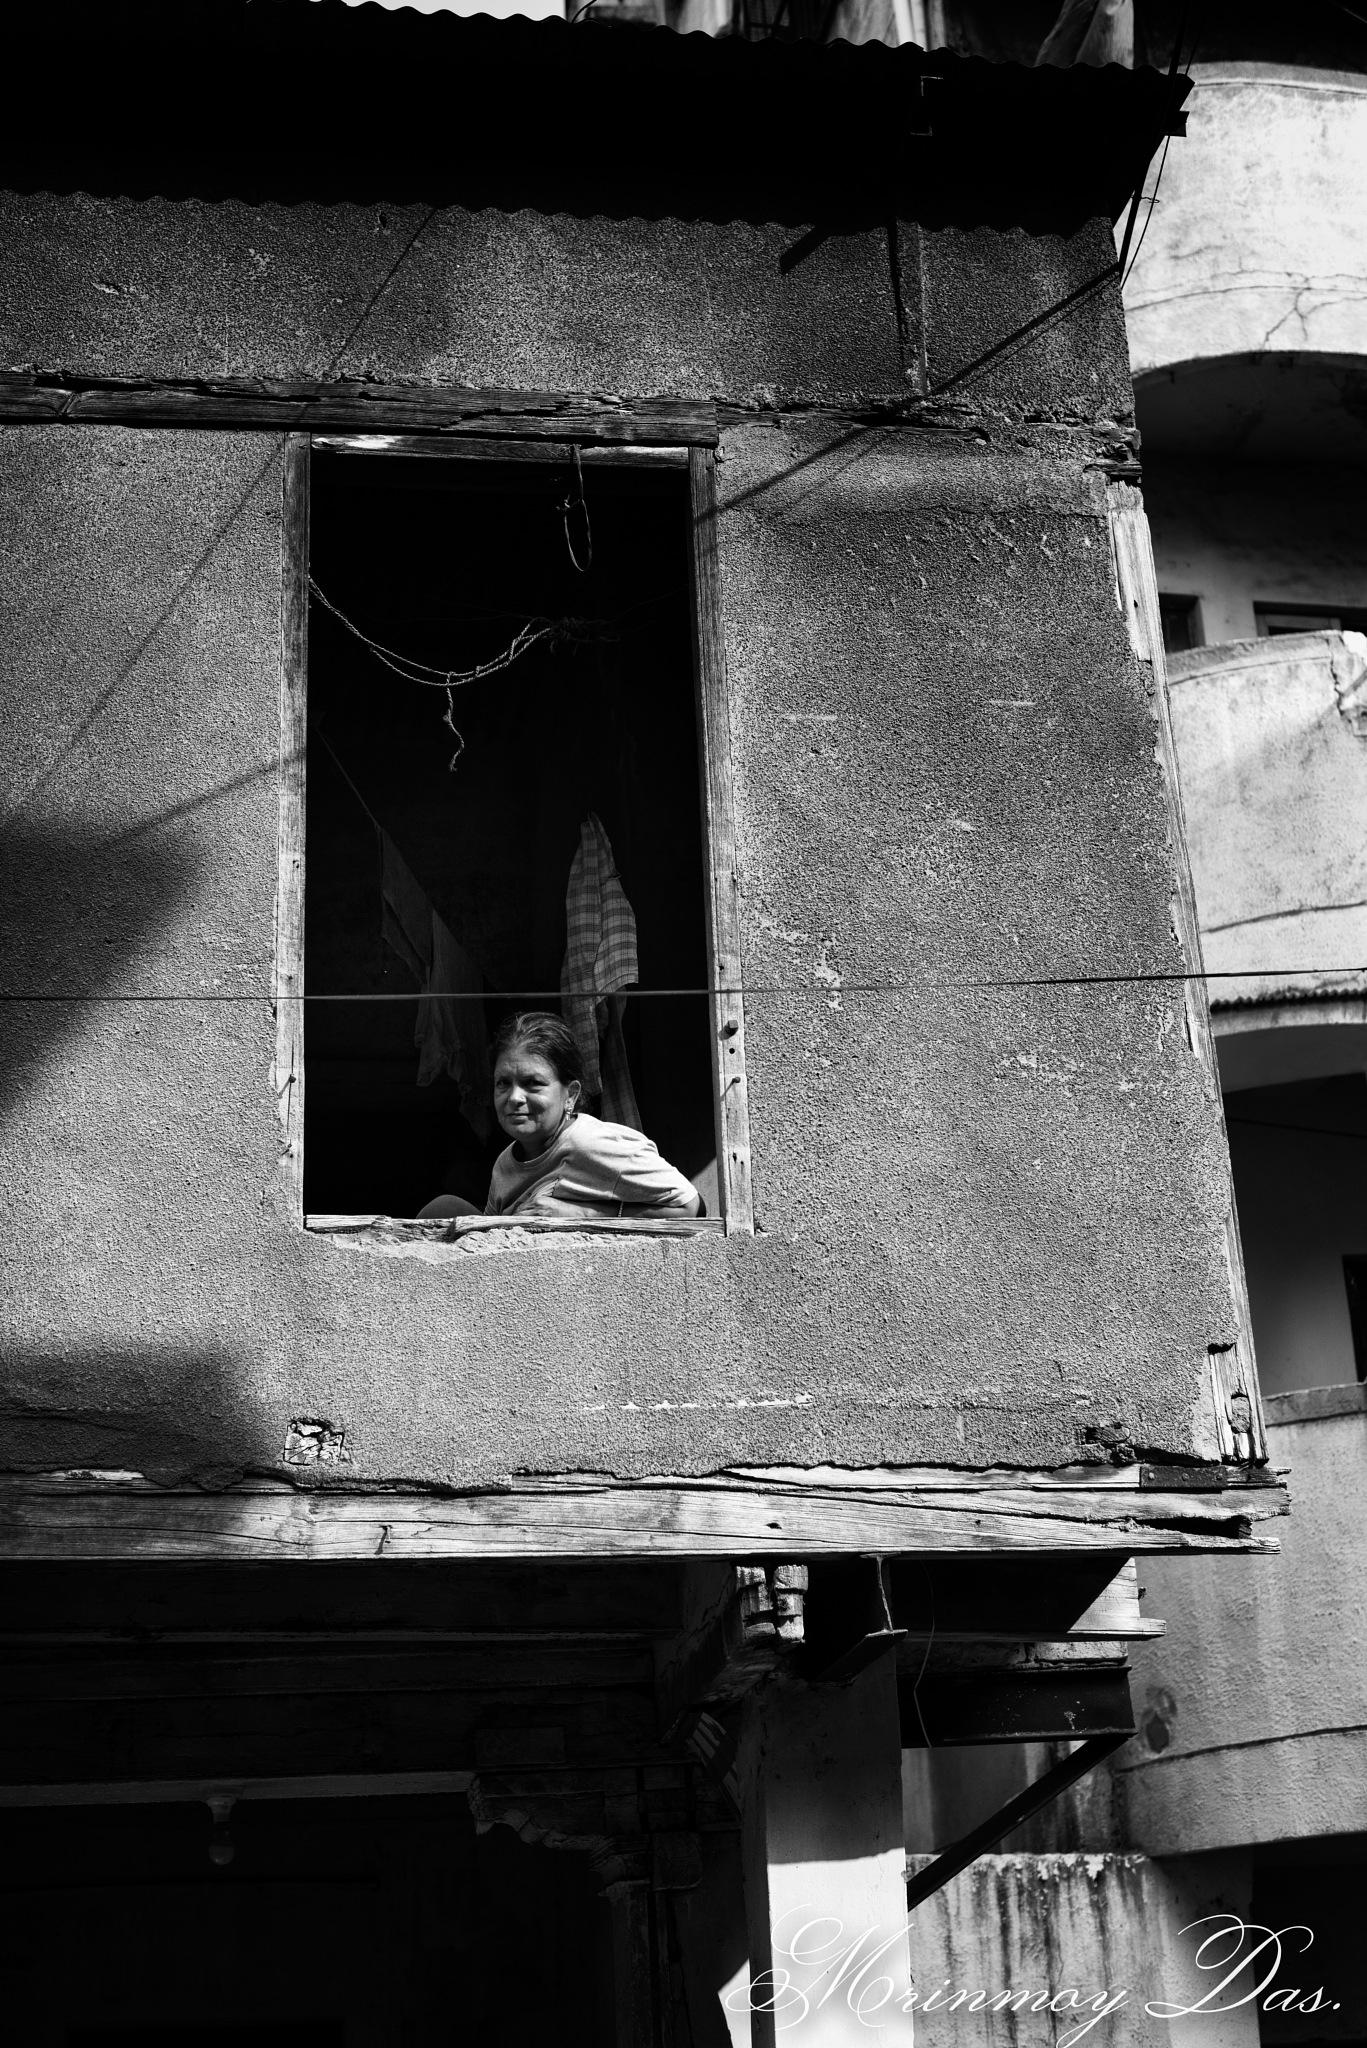 Untitled by Mrinmoy Das